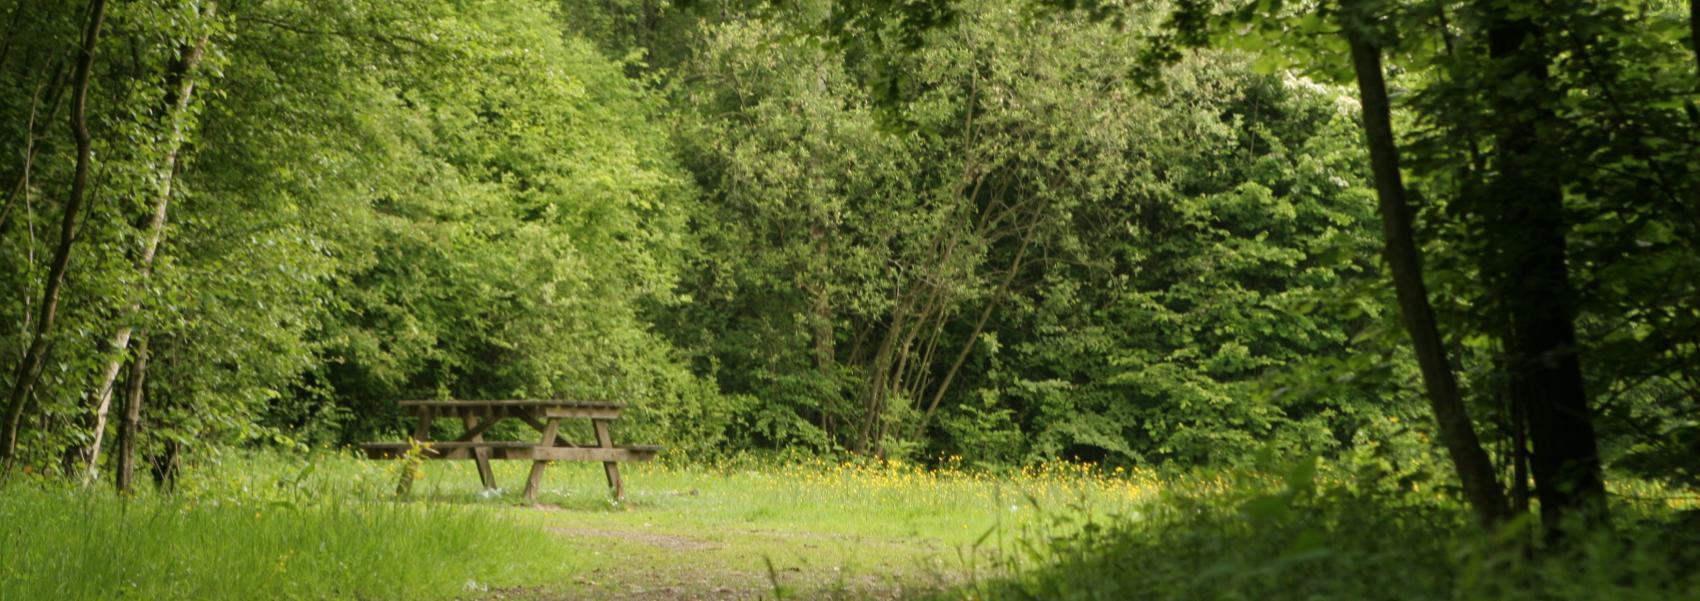 een picknickbank in het bos